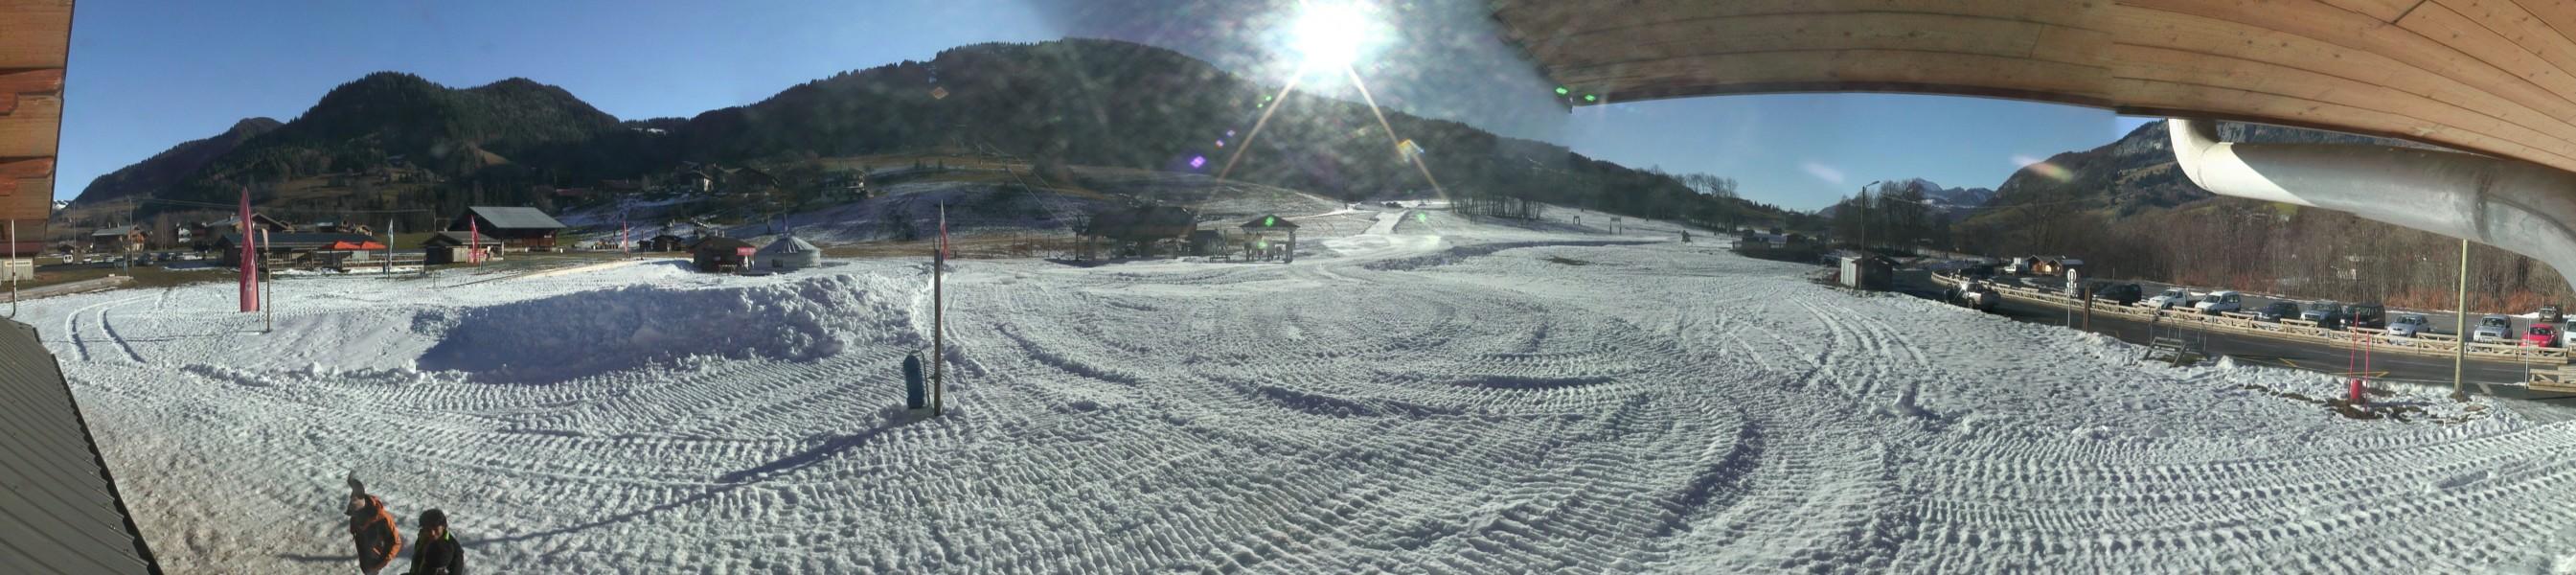 Retour skis aux pieds à Praz sur Arly possible grâce à la rouge des Chars enneigée artificiellement